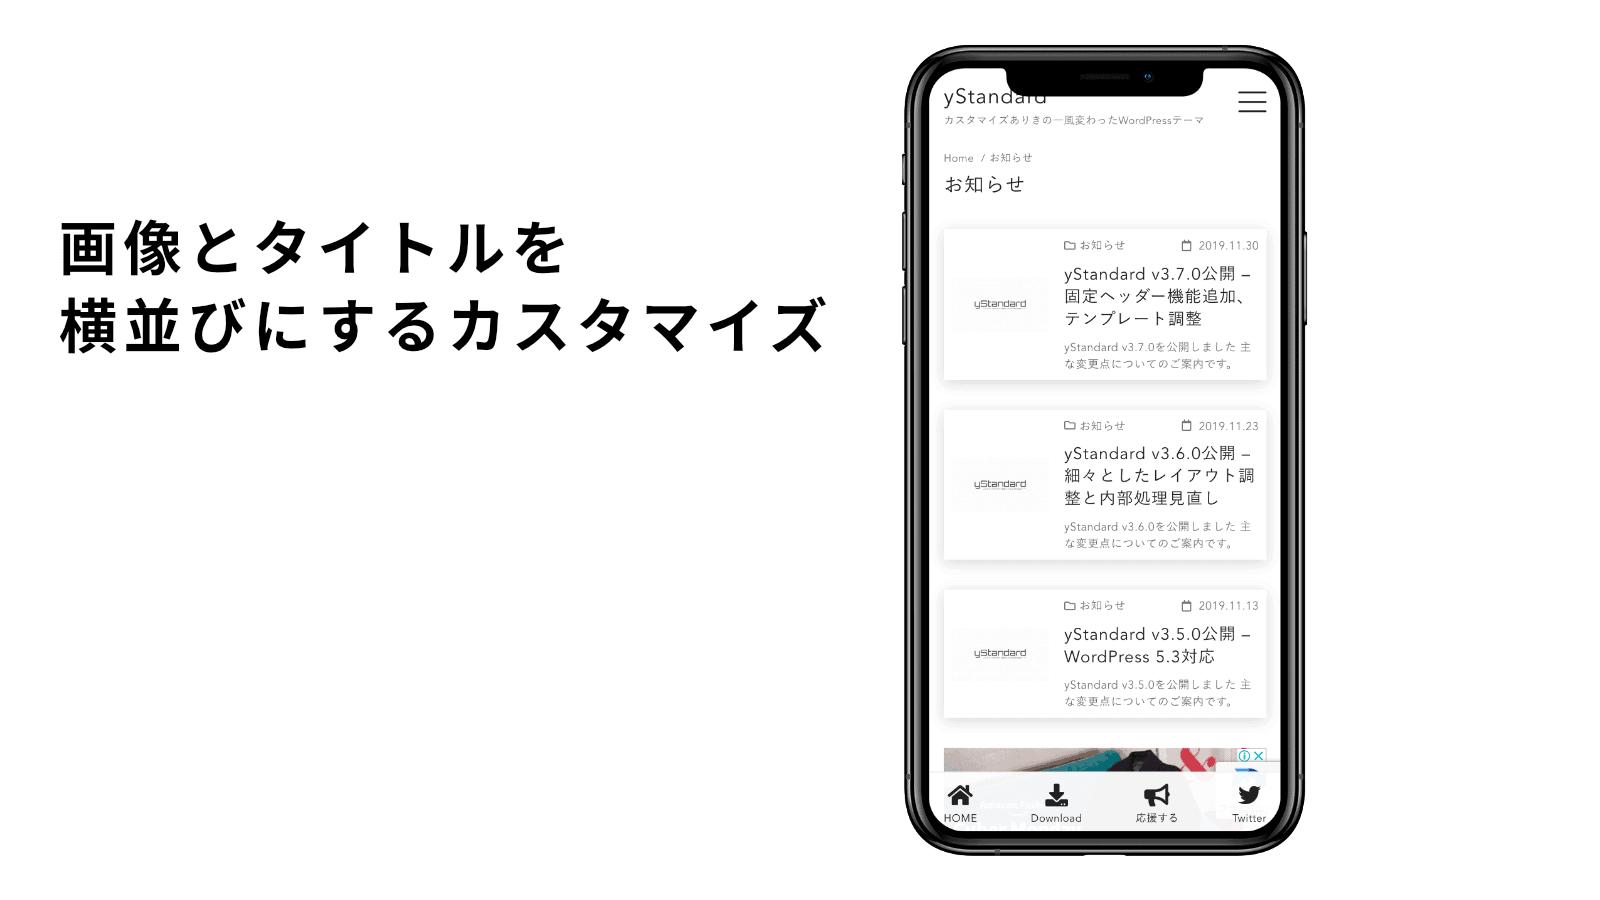 アーカイブ一覧のスマートフォン表示で画像とタイトルを横並びにするカスタマイズサンプル